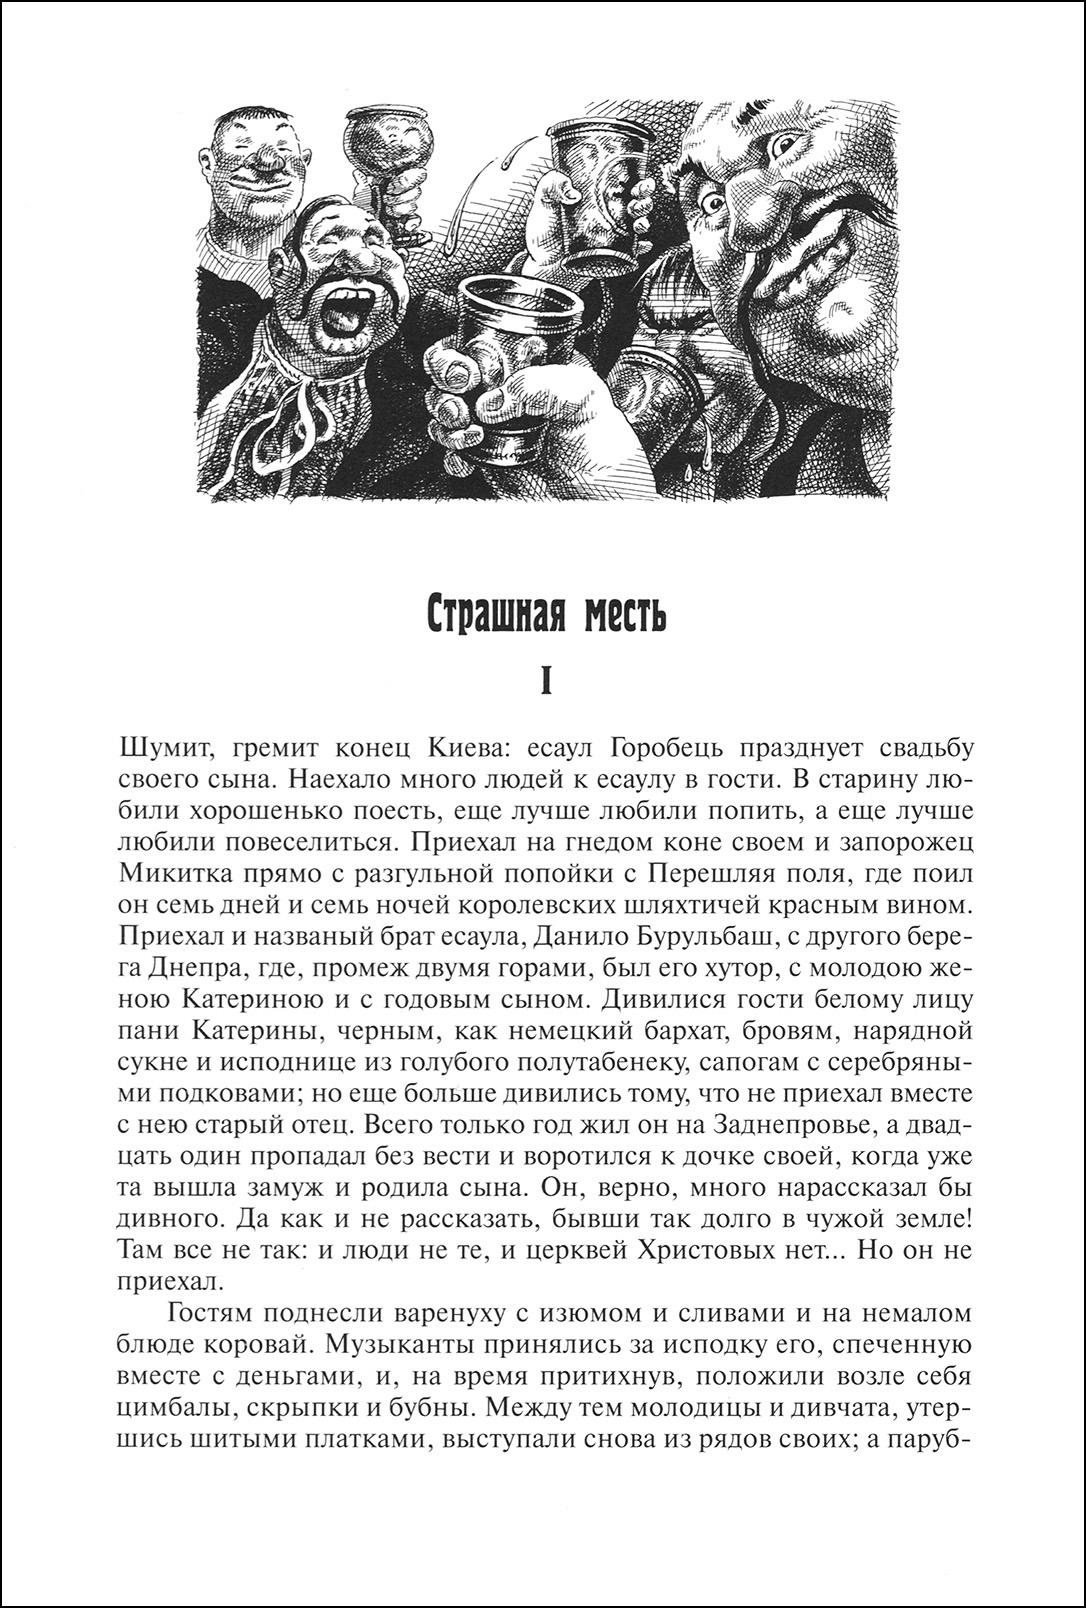 Сергей Лемехов, Гоголь